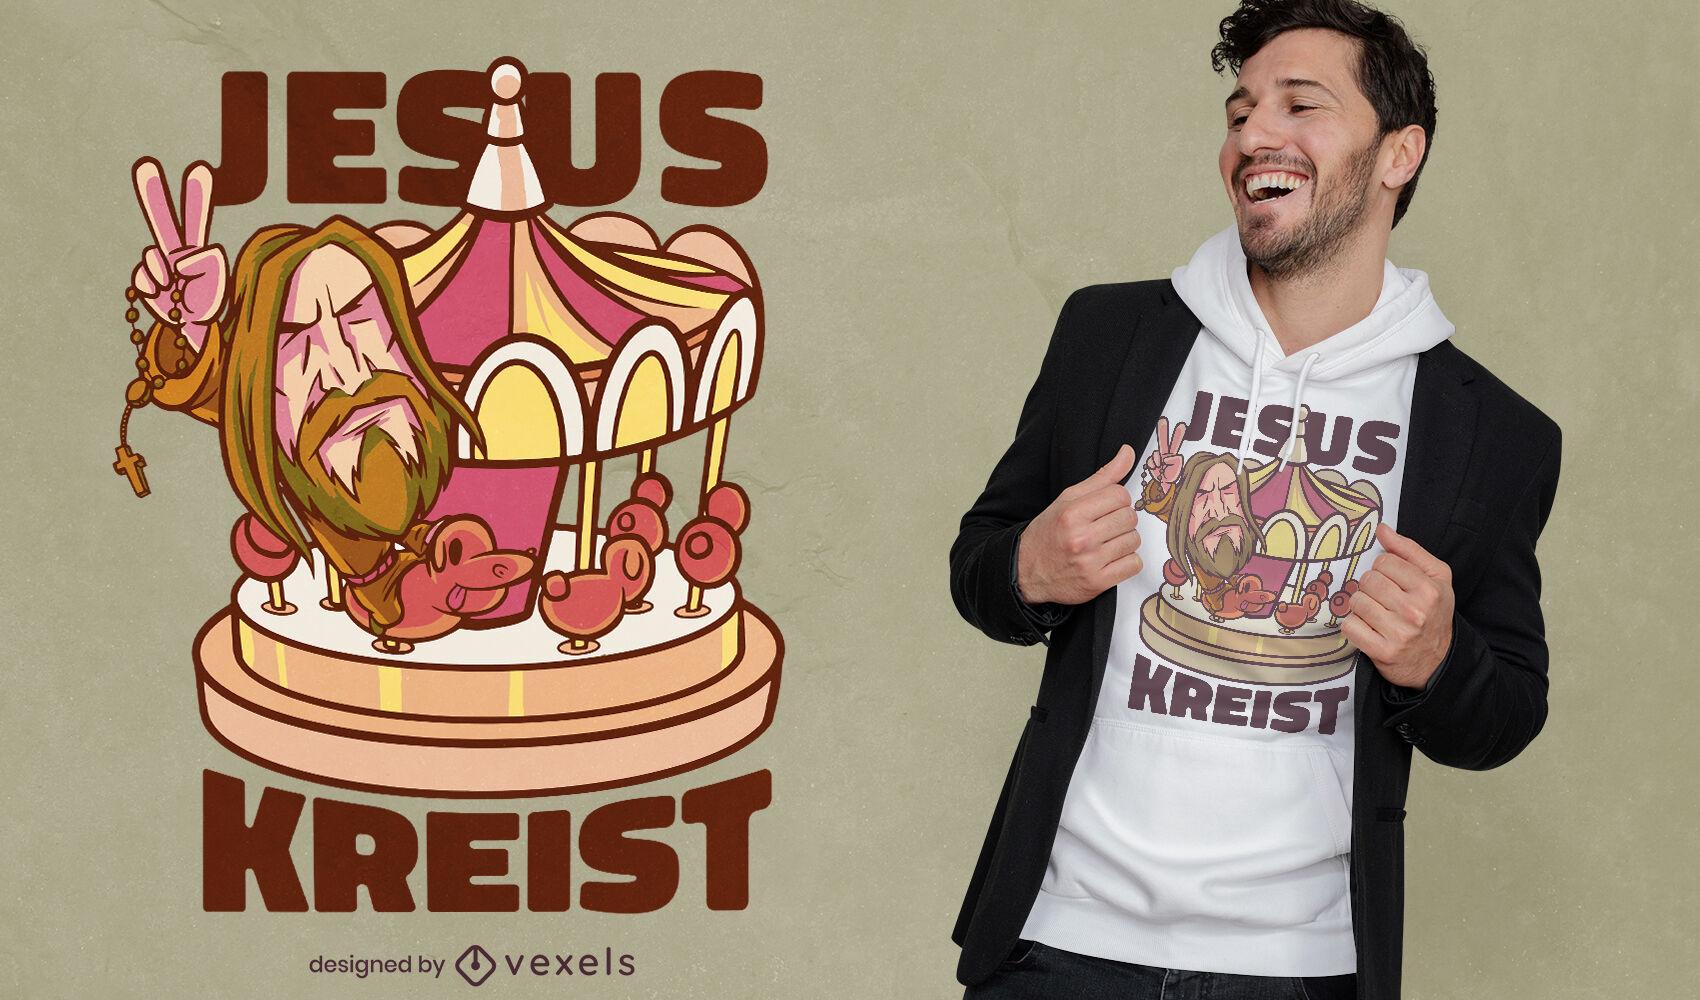 Jesús de dibujos animados en diseño de camiseta carrusel